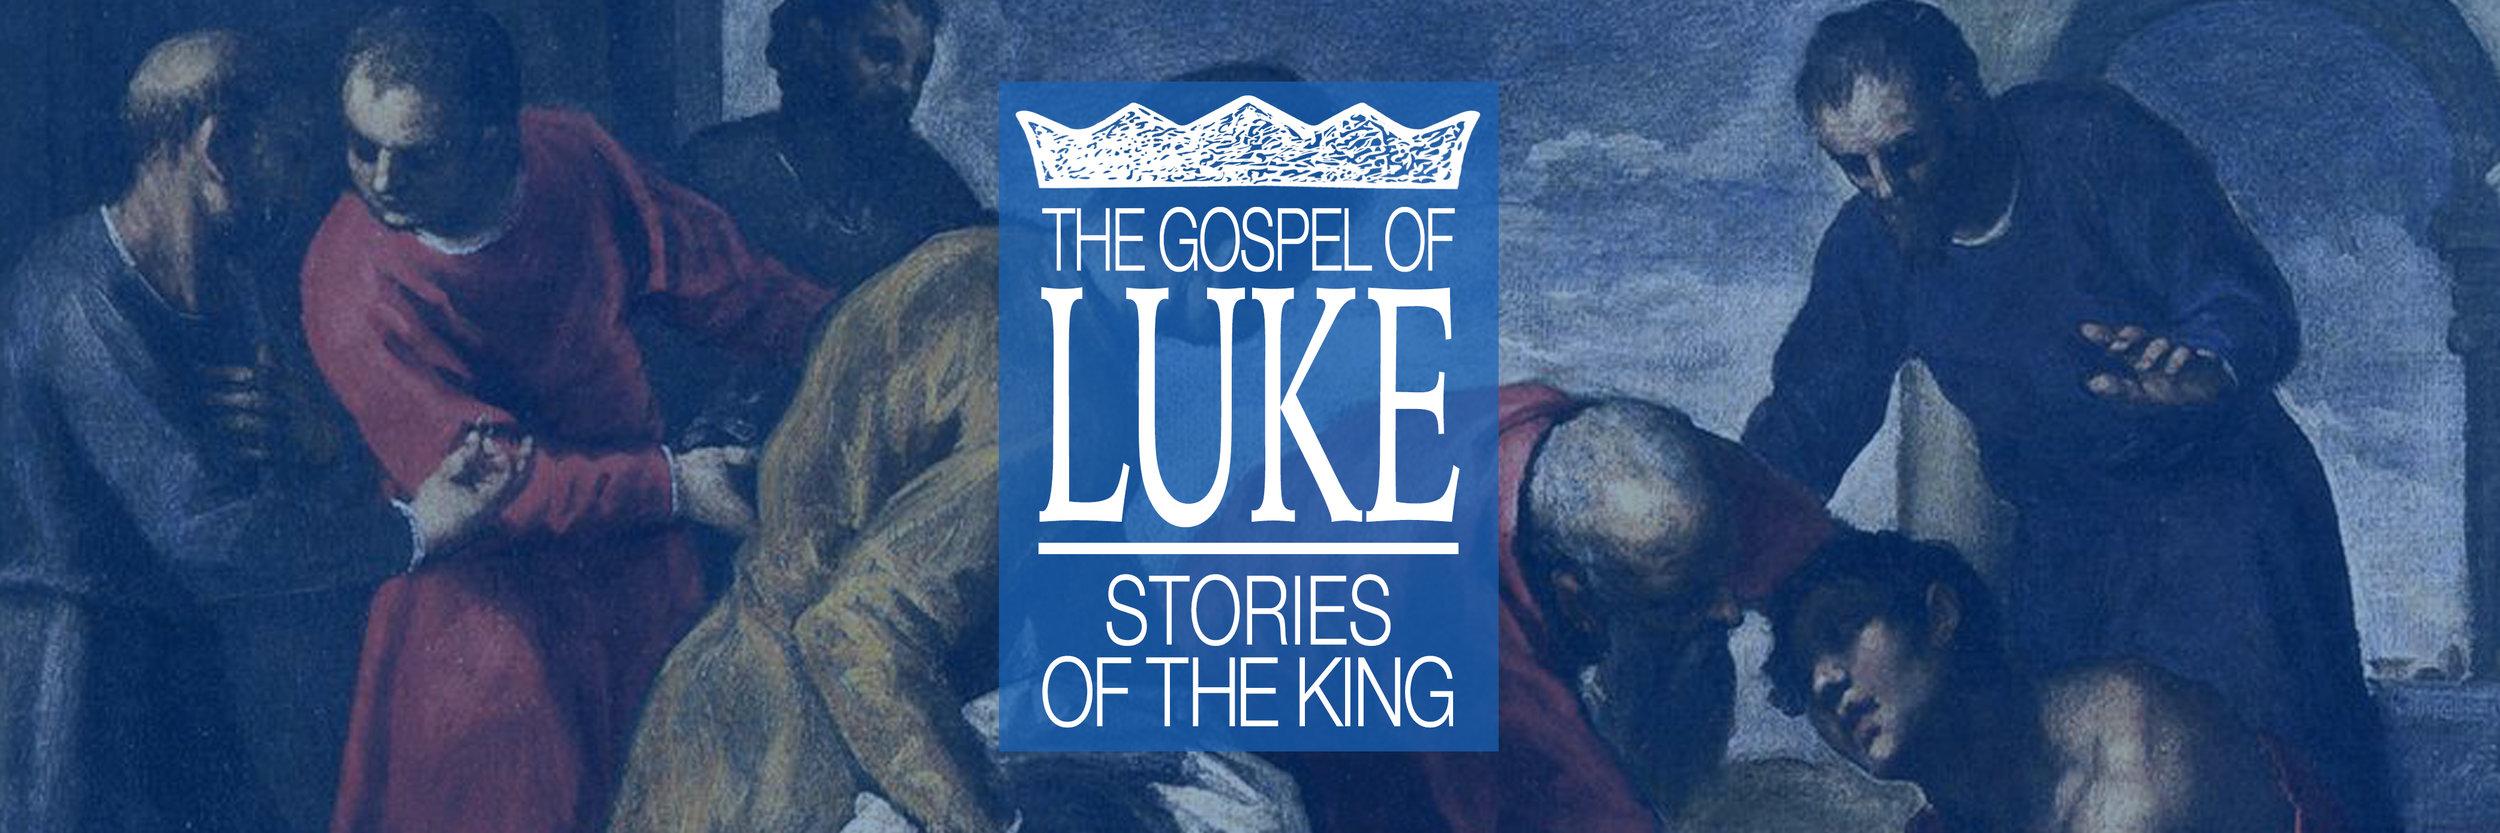 Luke-STORIES Header CENTER DARK .jpg